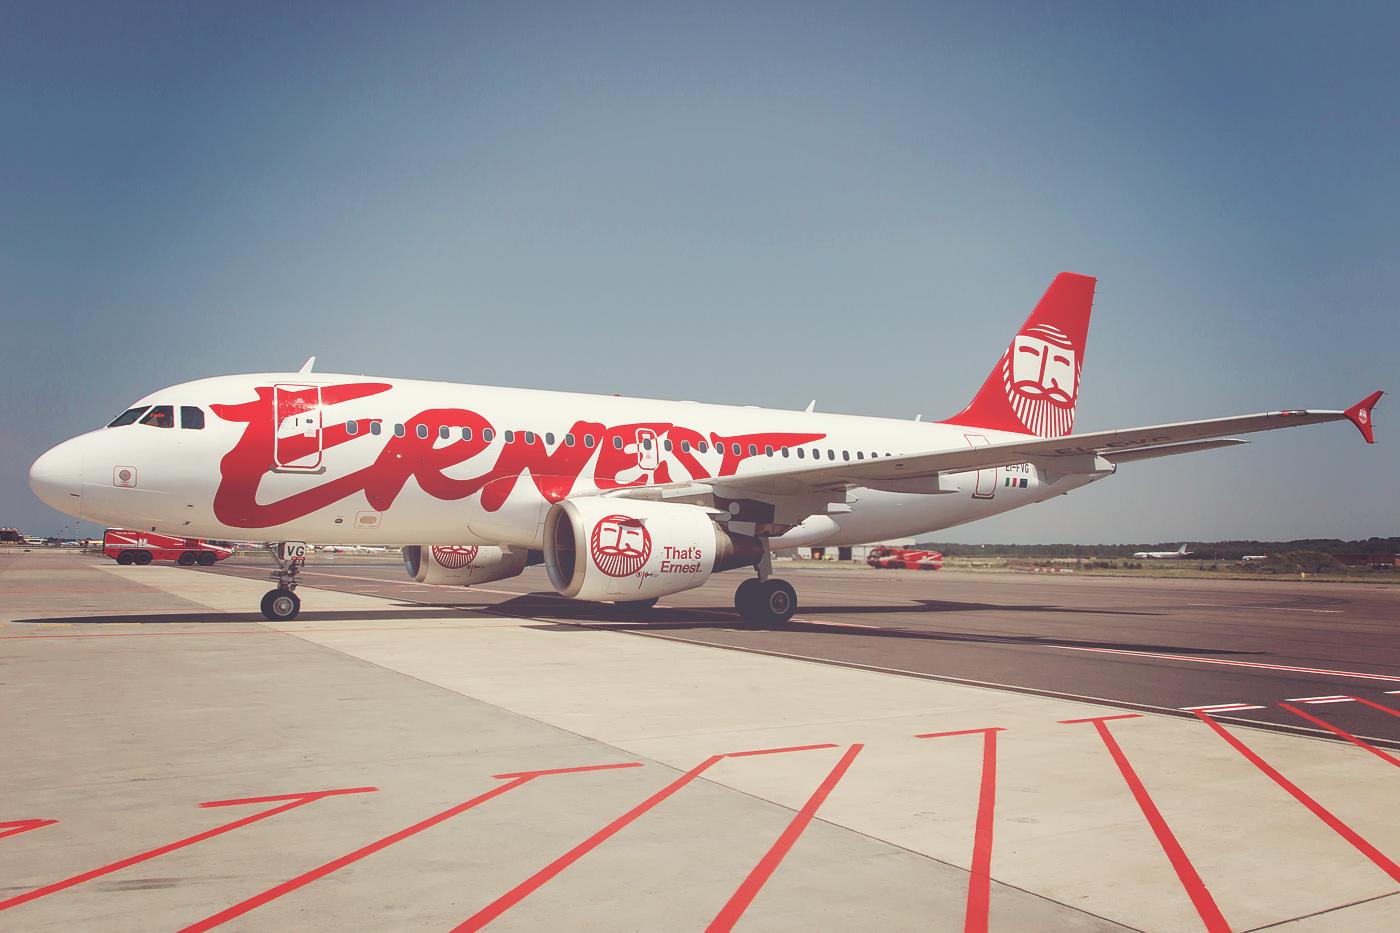 Resultado de imagen para ernest Airlines